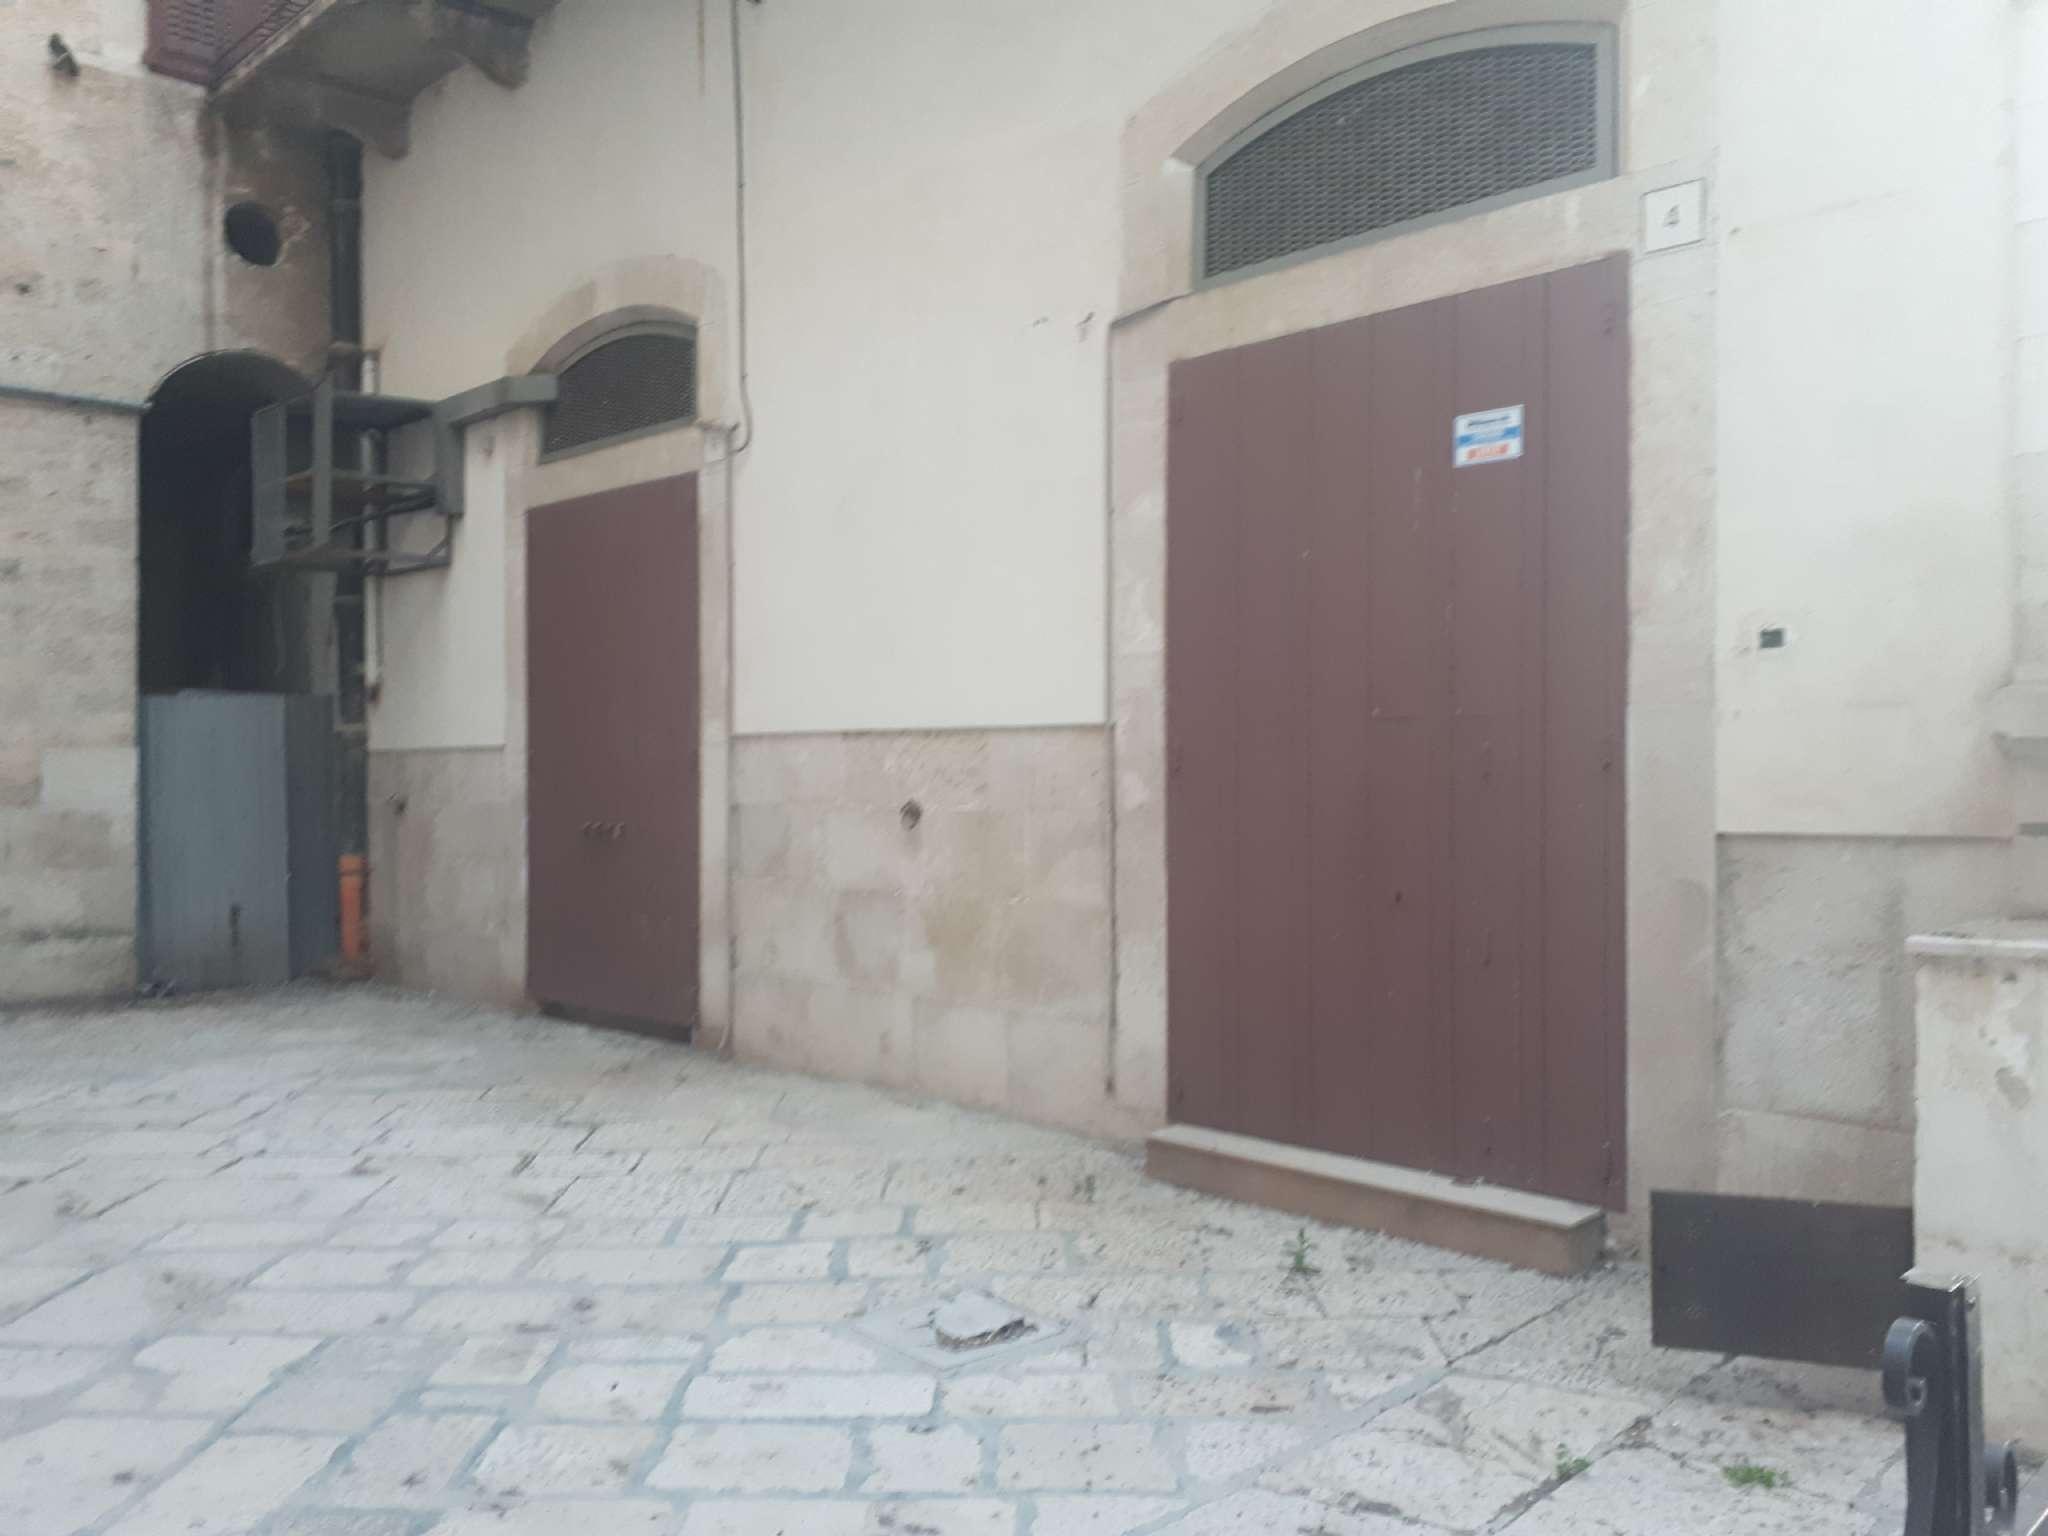 Negozio / Locale in vendita a Bisceglie, 9999 locali, prezzo € 140.000 | CambioCasa.it